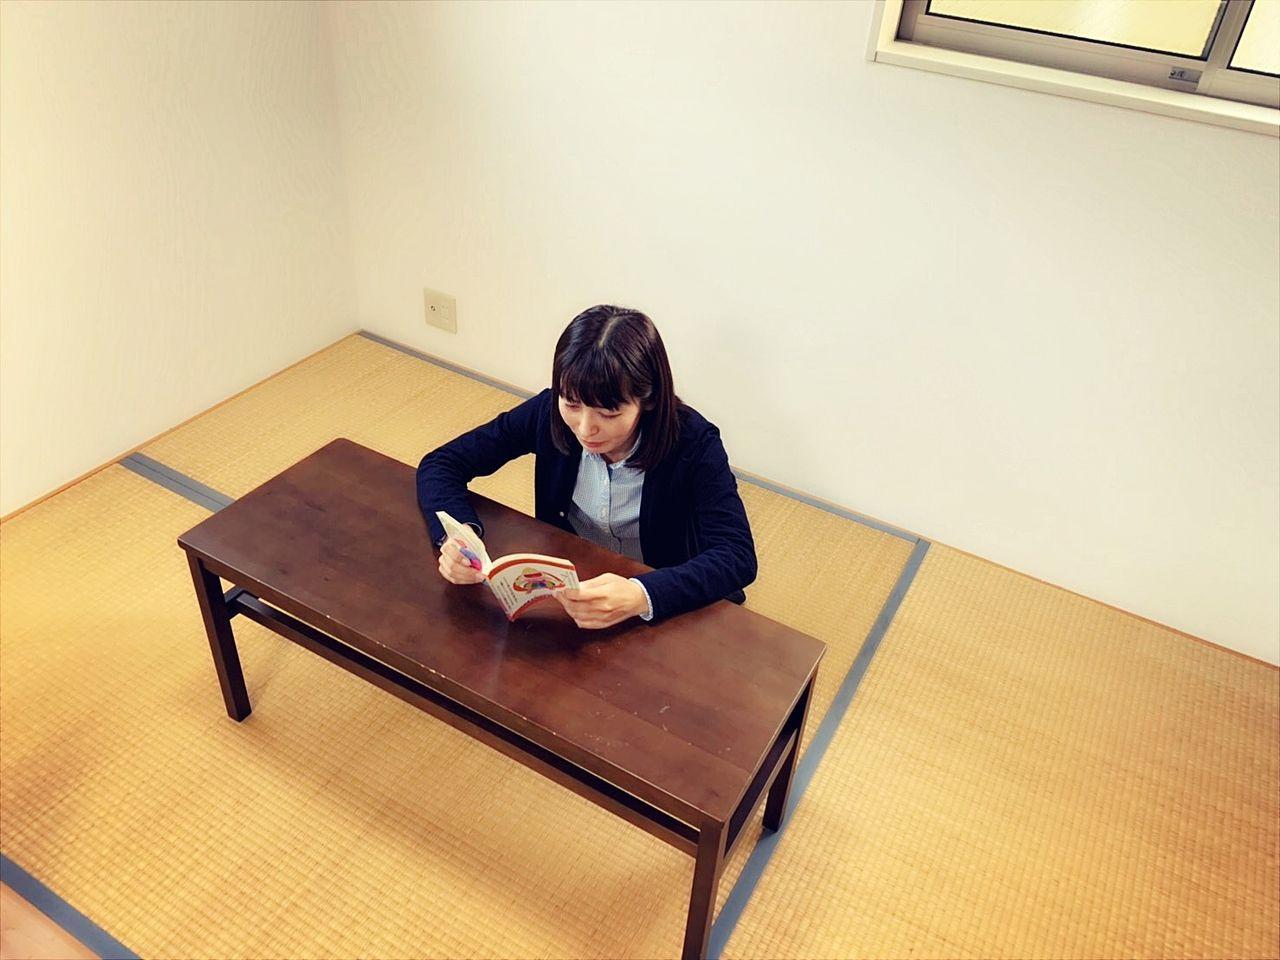 和室でゆったりと読書